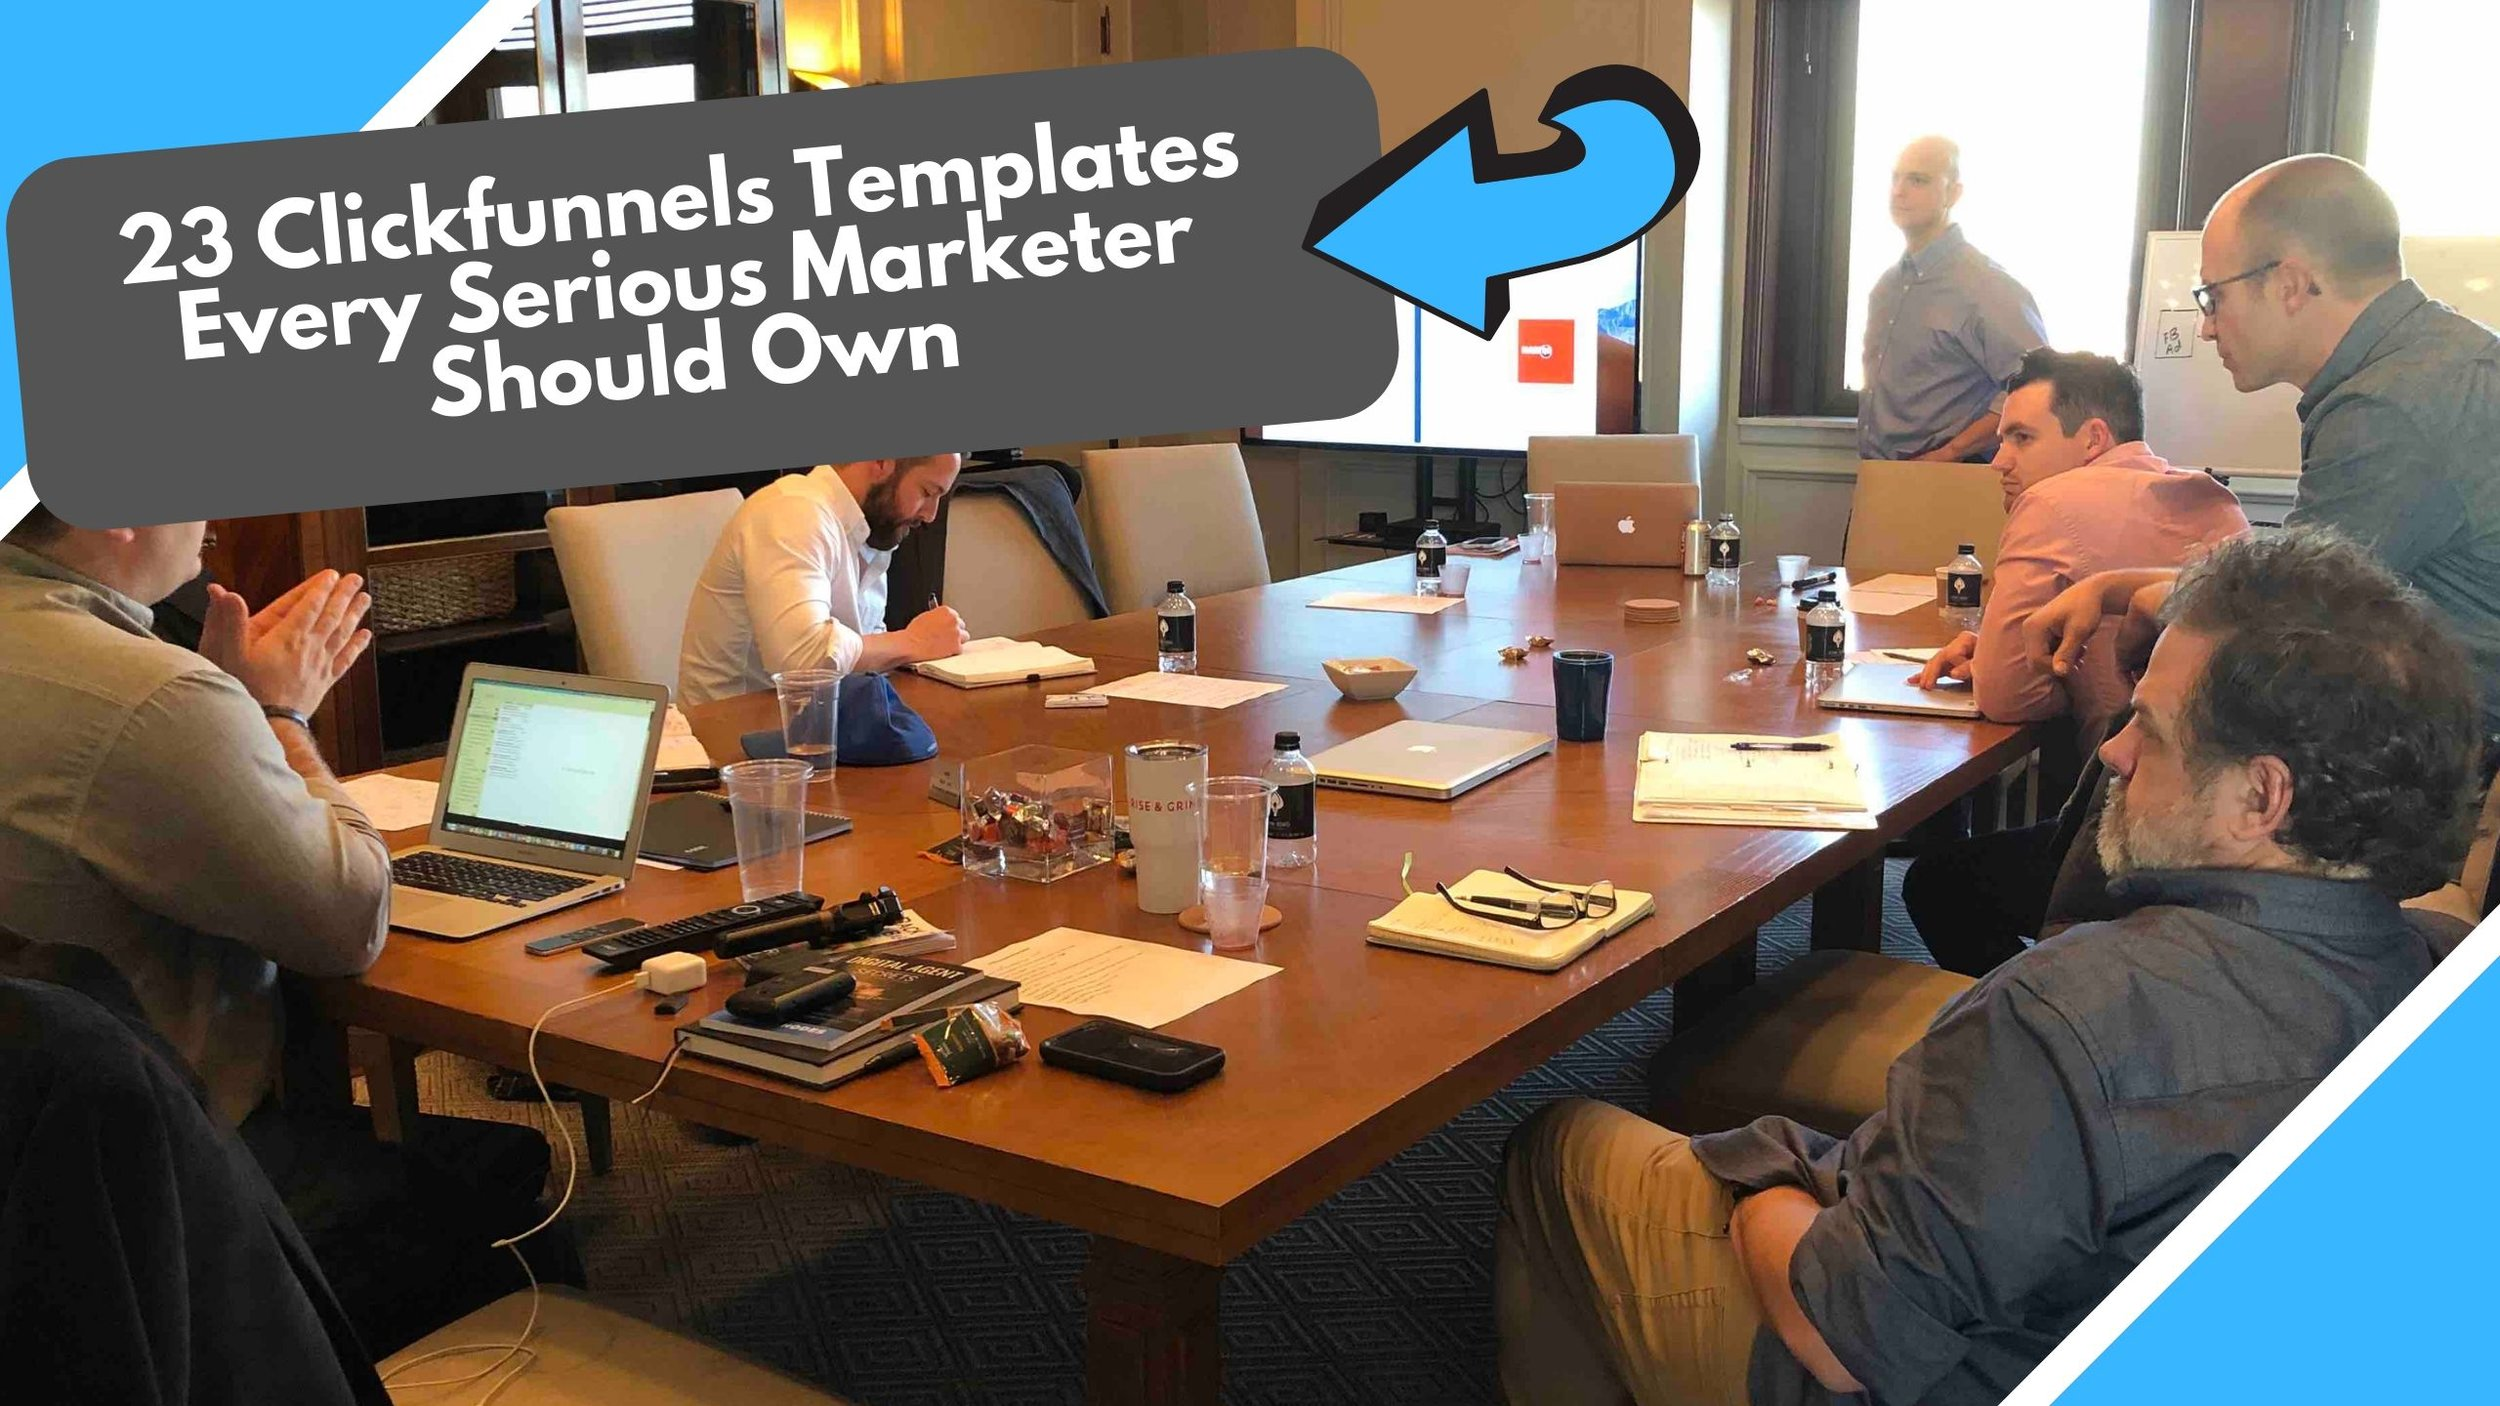 clickfunnels templates.jpg